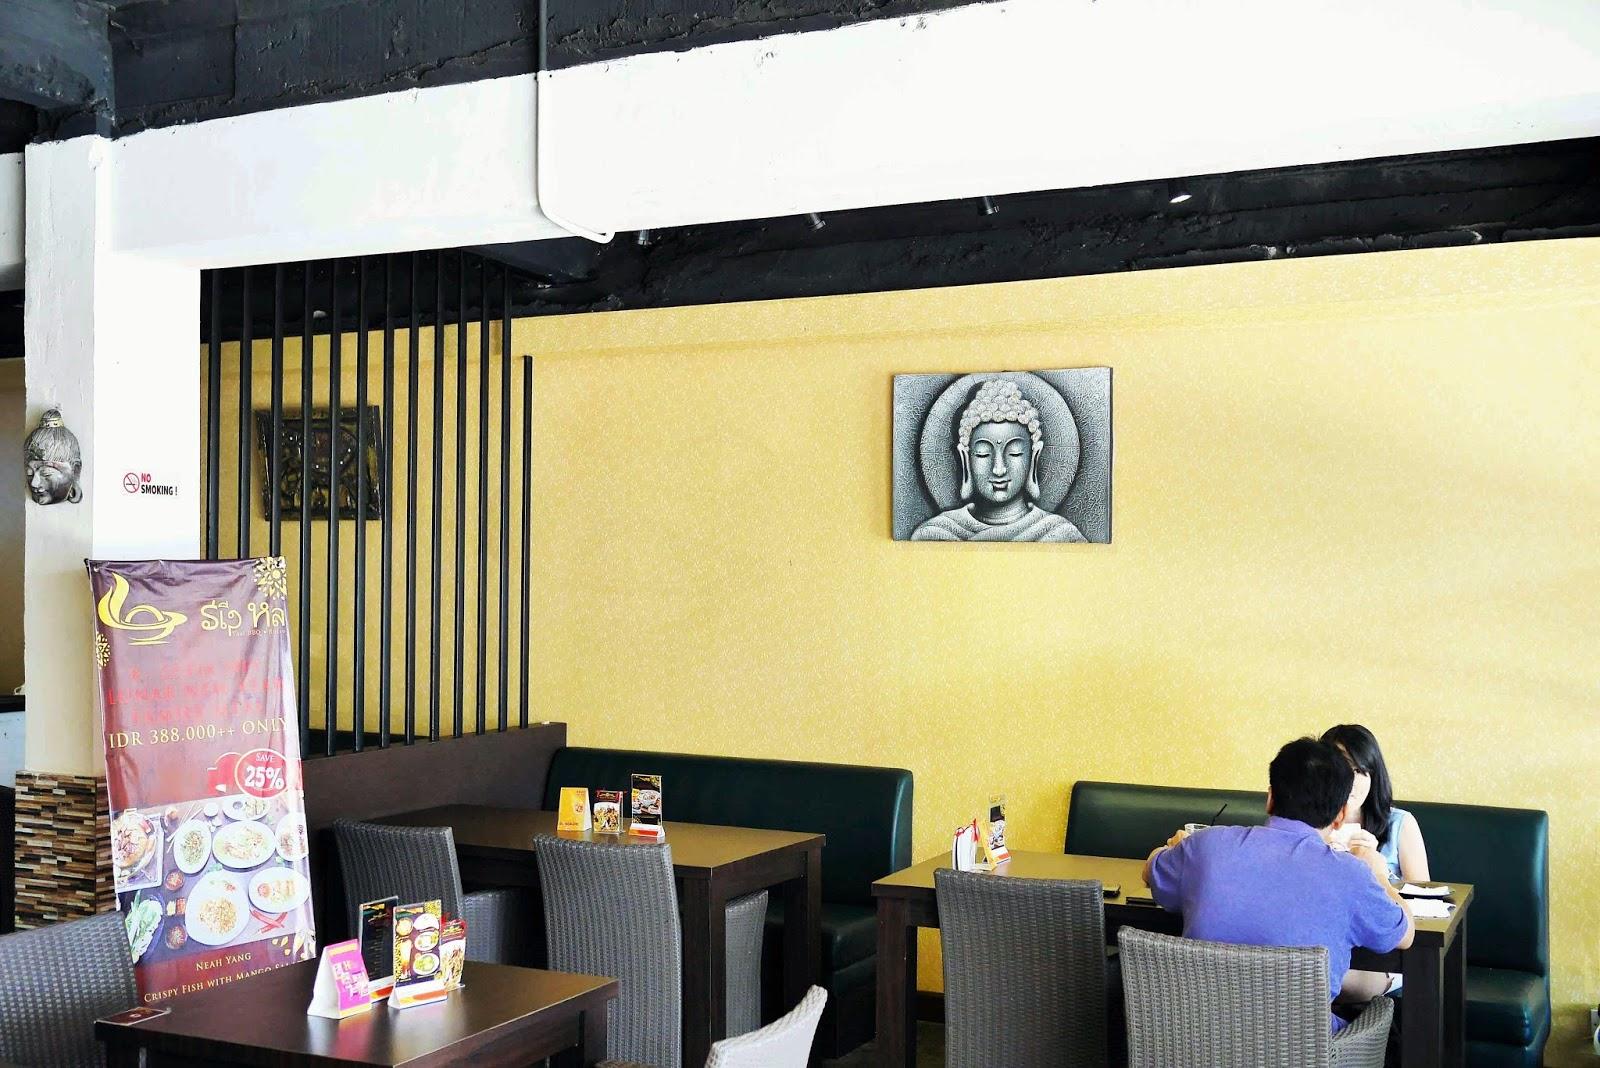 LULABYSPOON - Indonesian Food Blogger & Photographer: SIP HA THAI BBQ